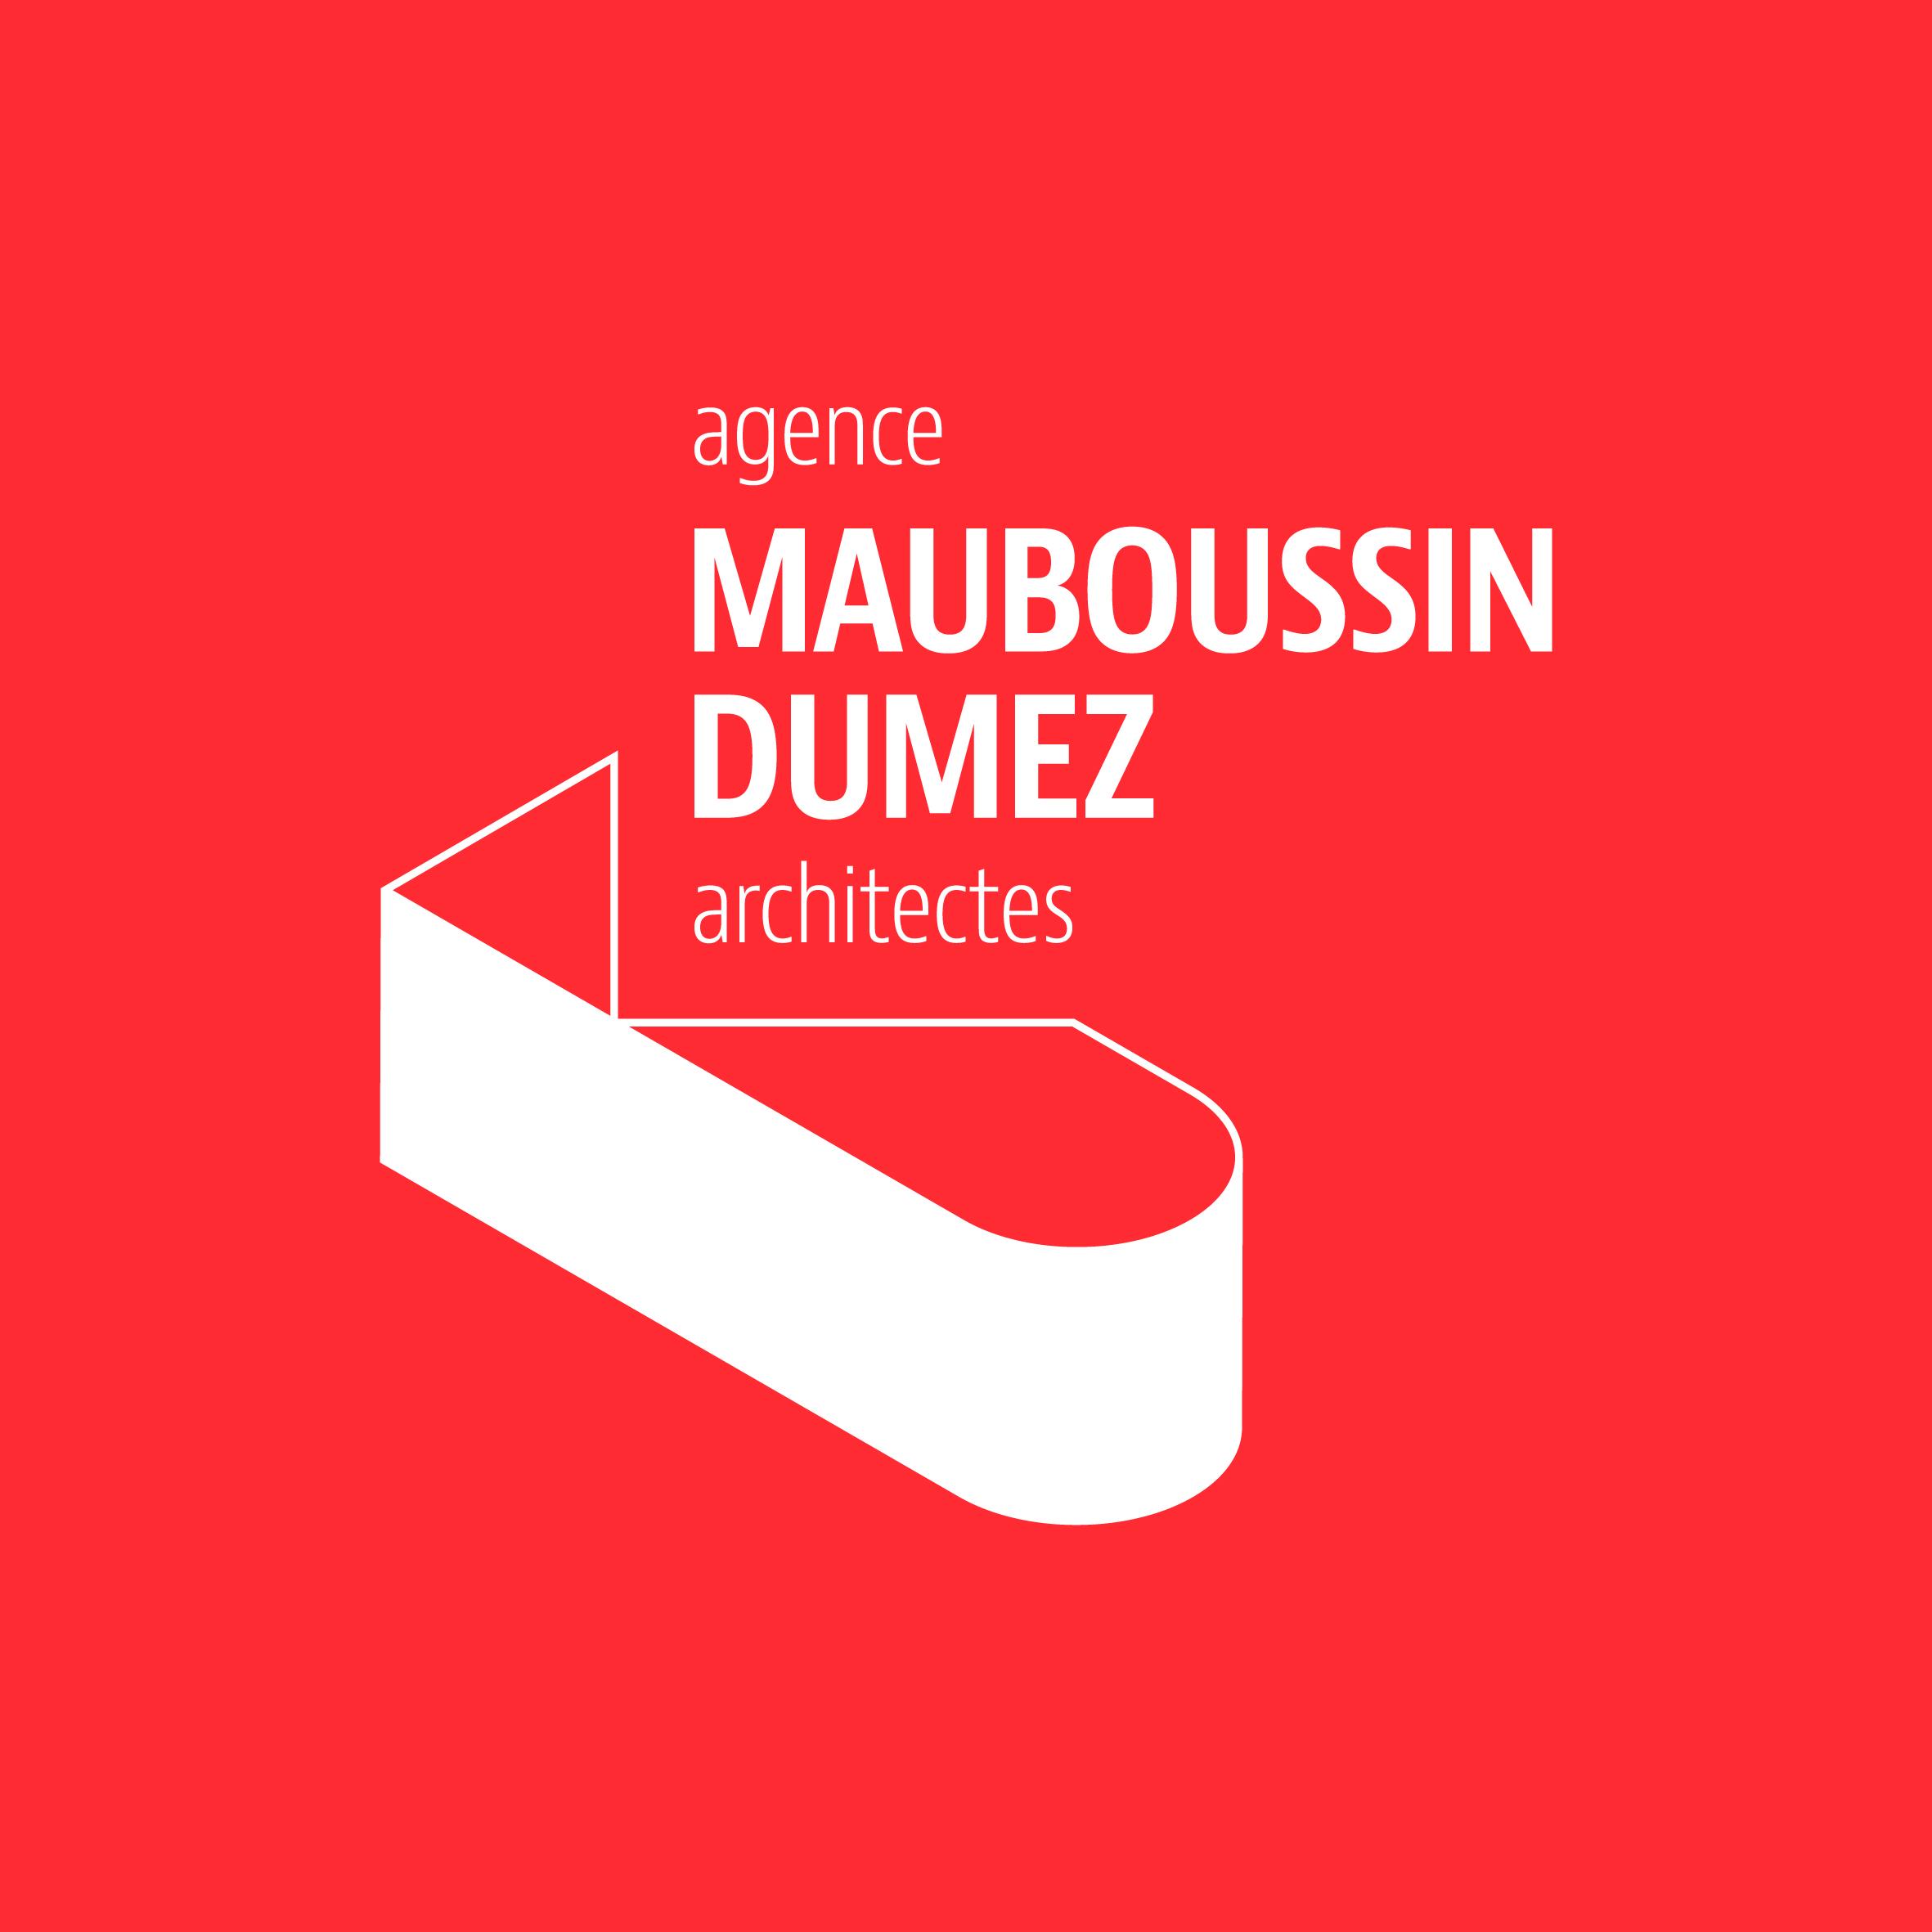 Agence De Communication Roubaix agence mauboussin dumez architectes | roubaix - nord | ordre